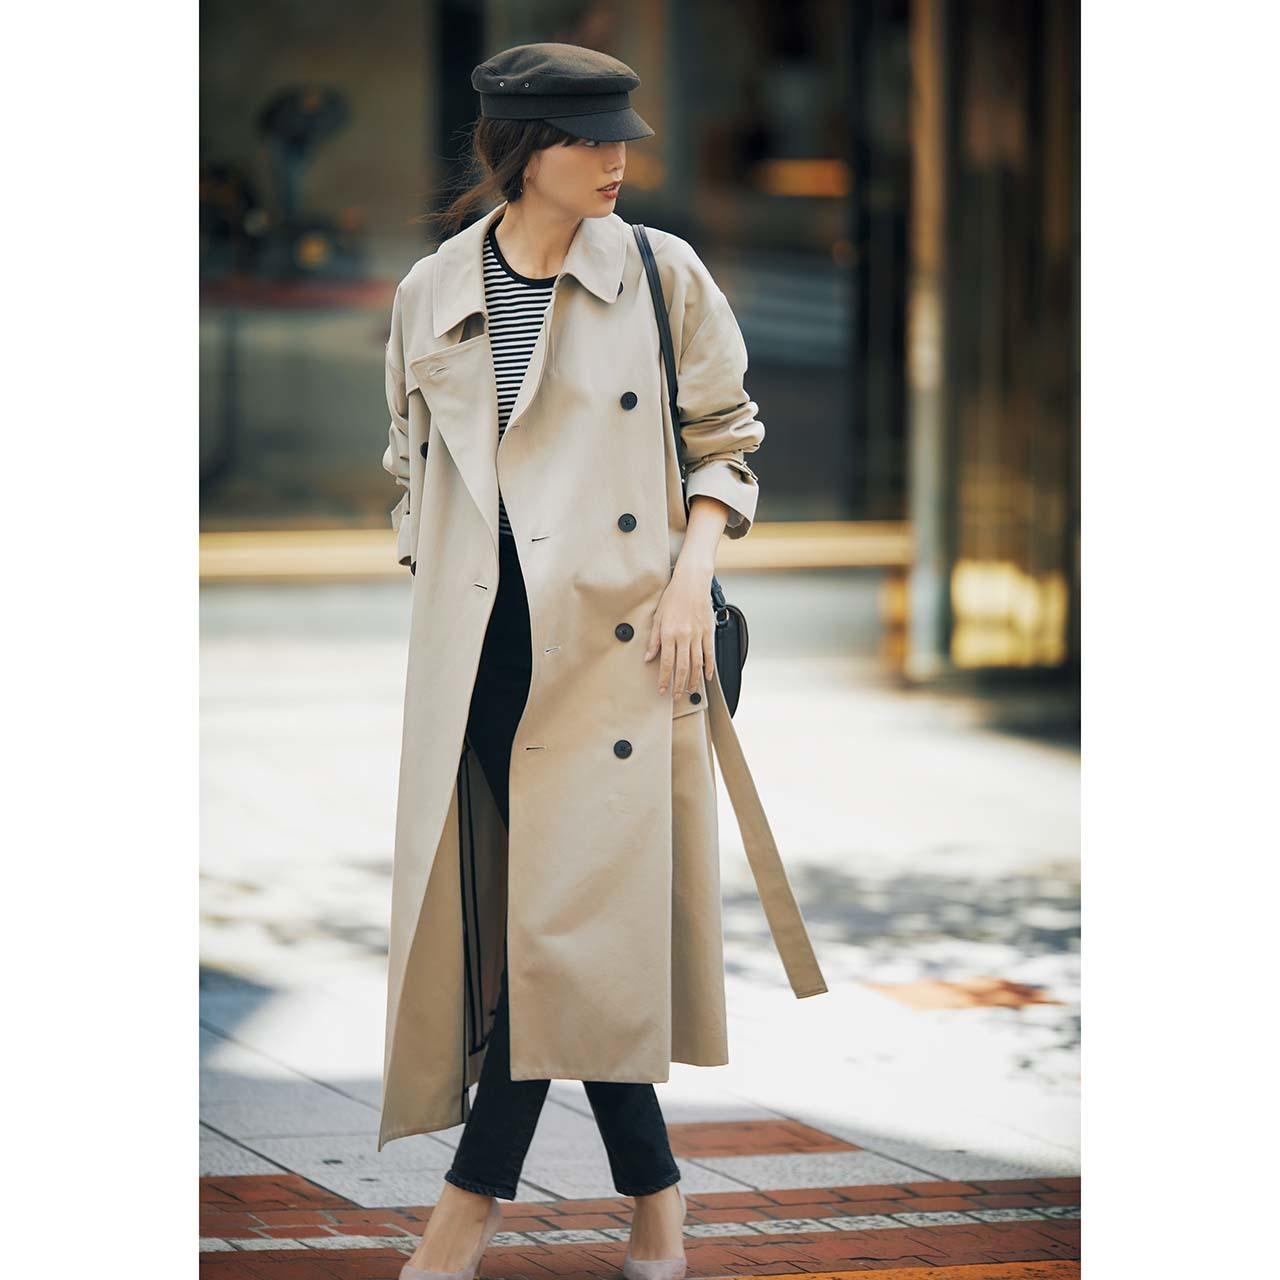 ベージュのトレンチコート×ボーダーカットソー&デニムパンツのファッションコーデ